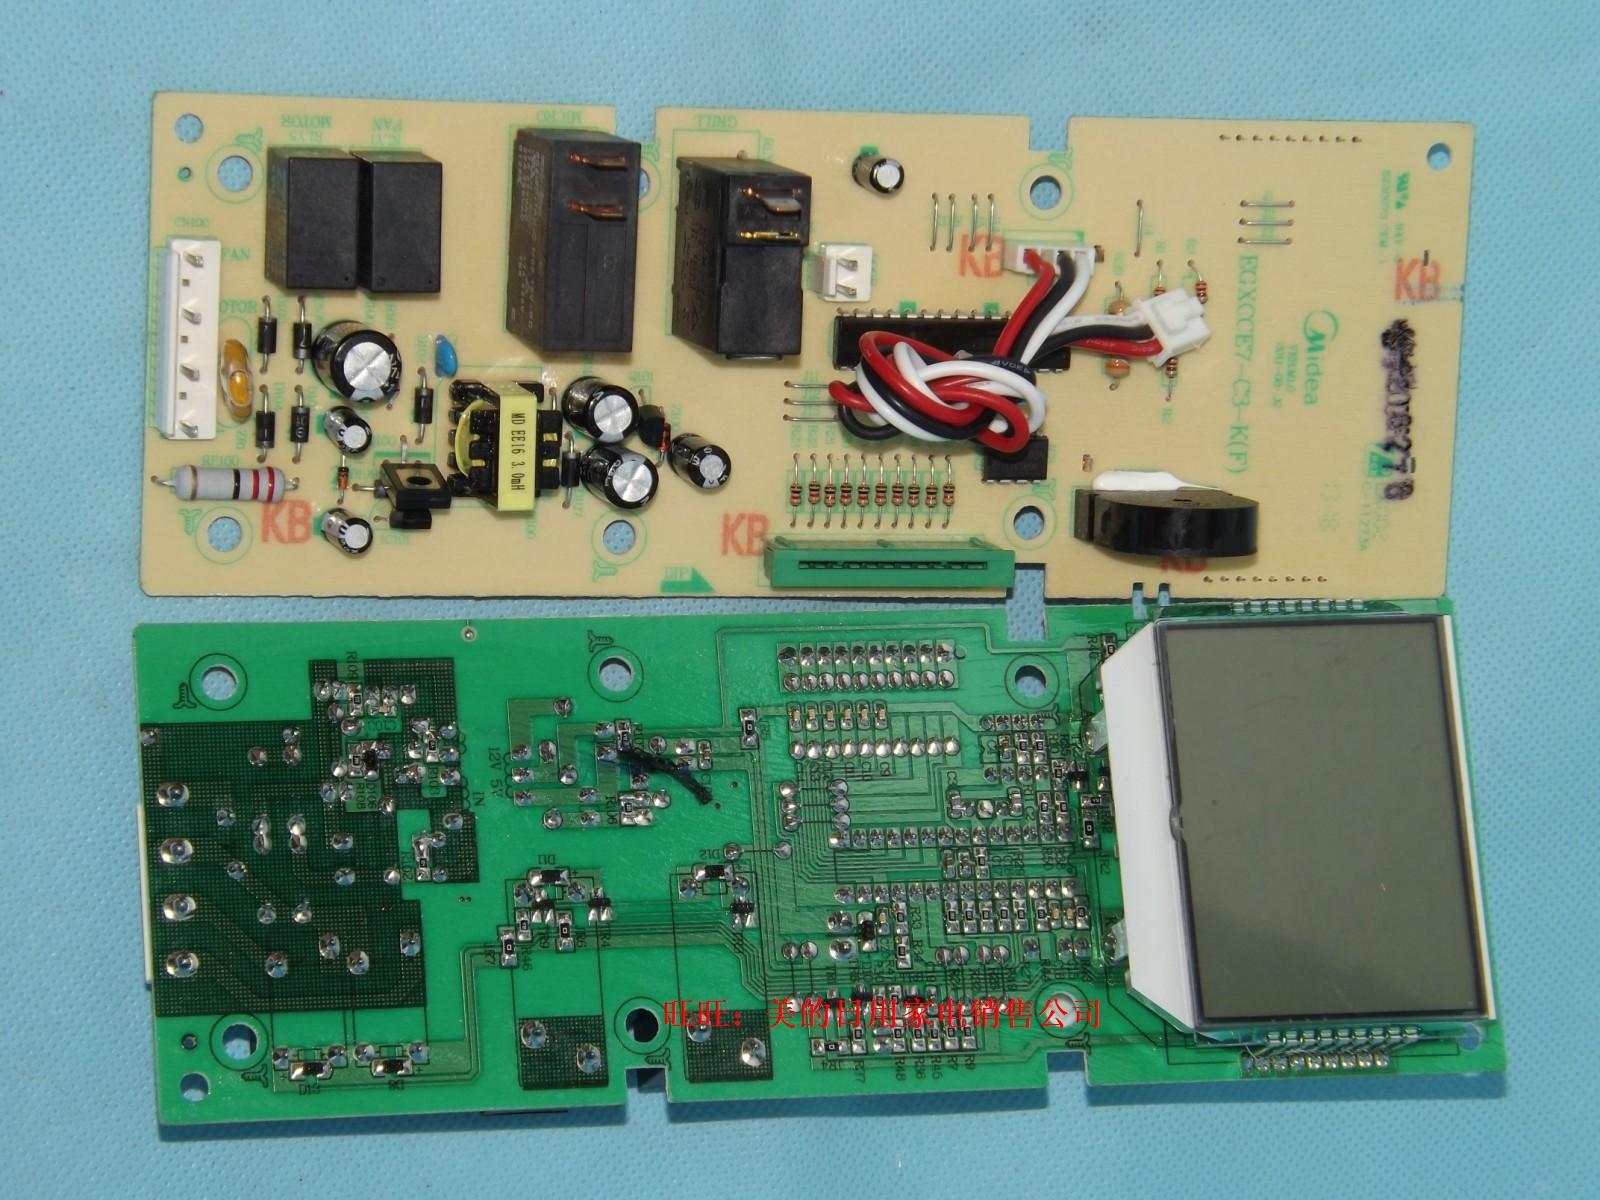 - mikrovlnka počítač řídící rada EGXCCE7-C3-K (f)